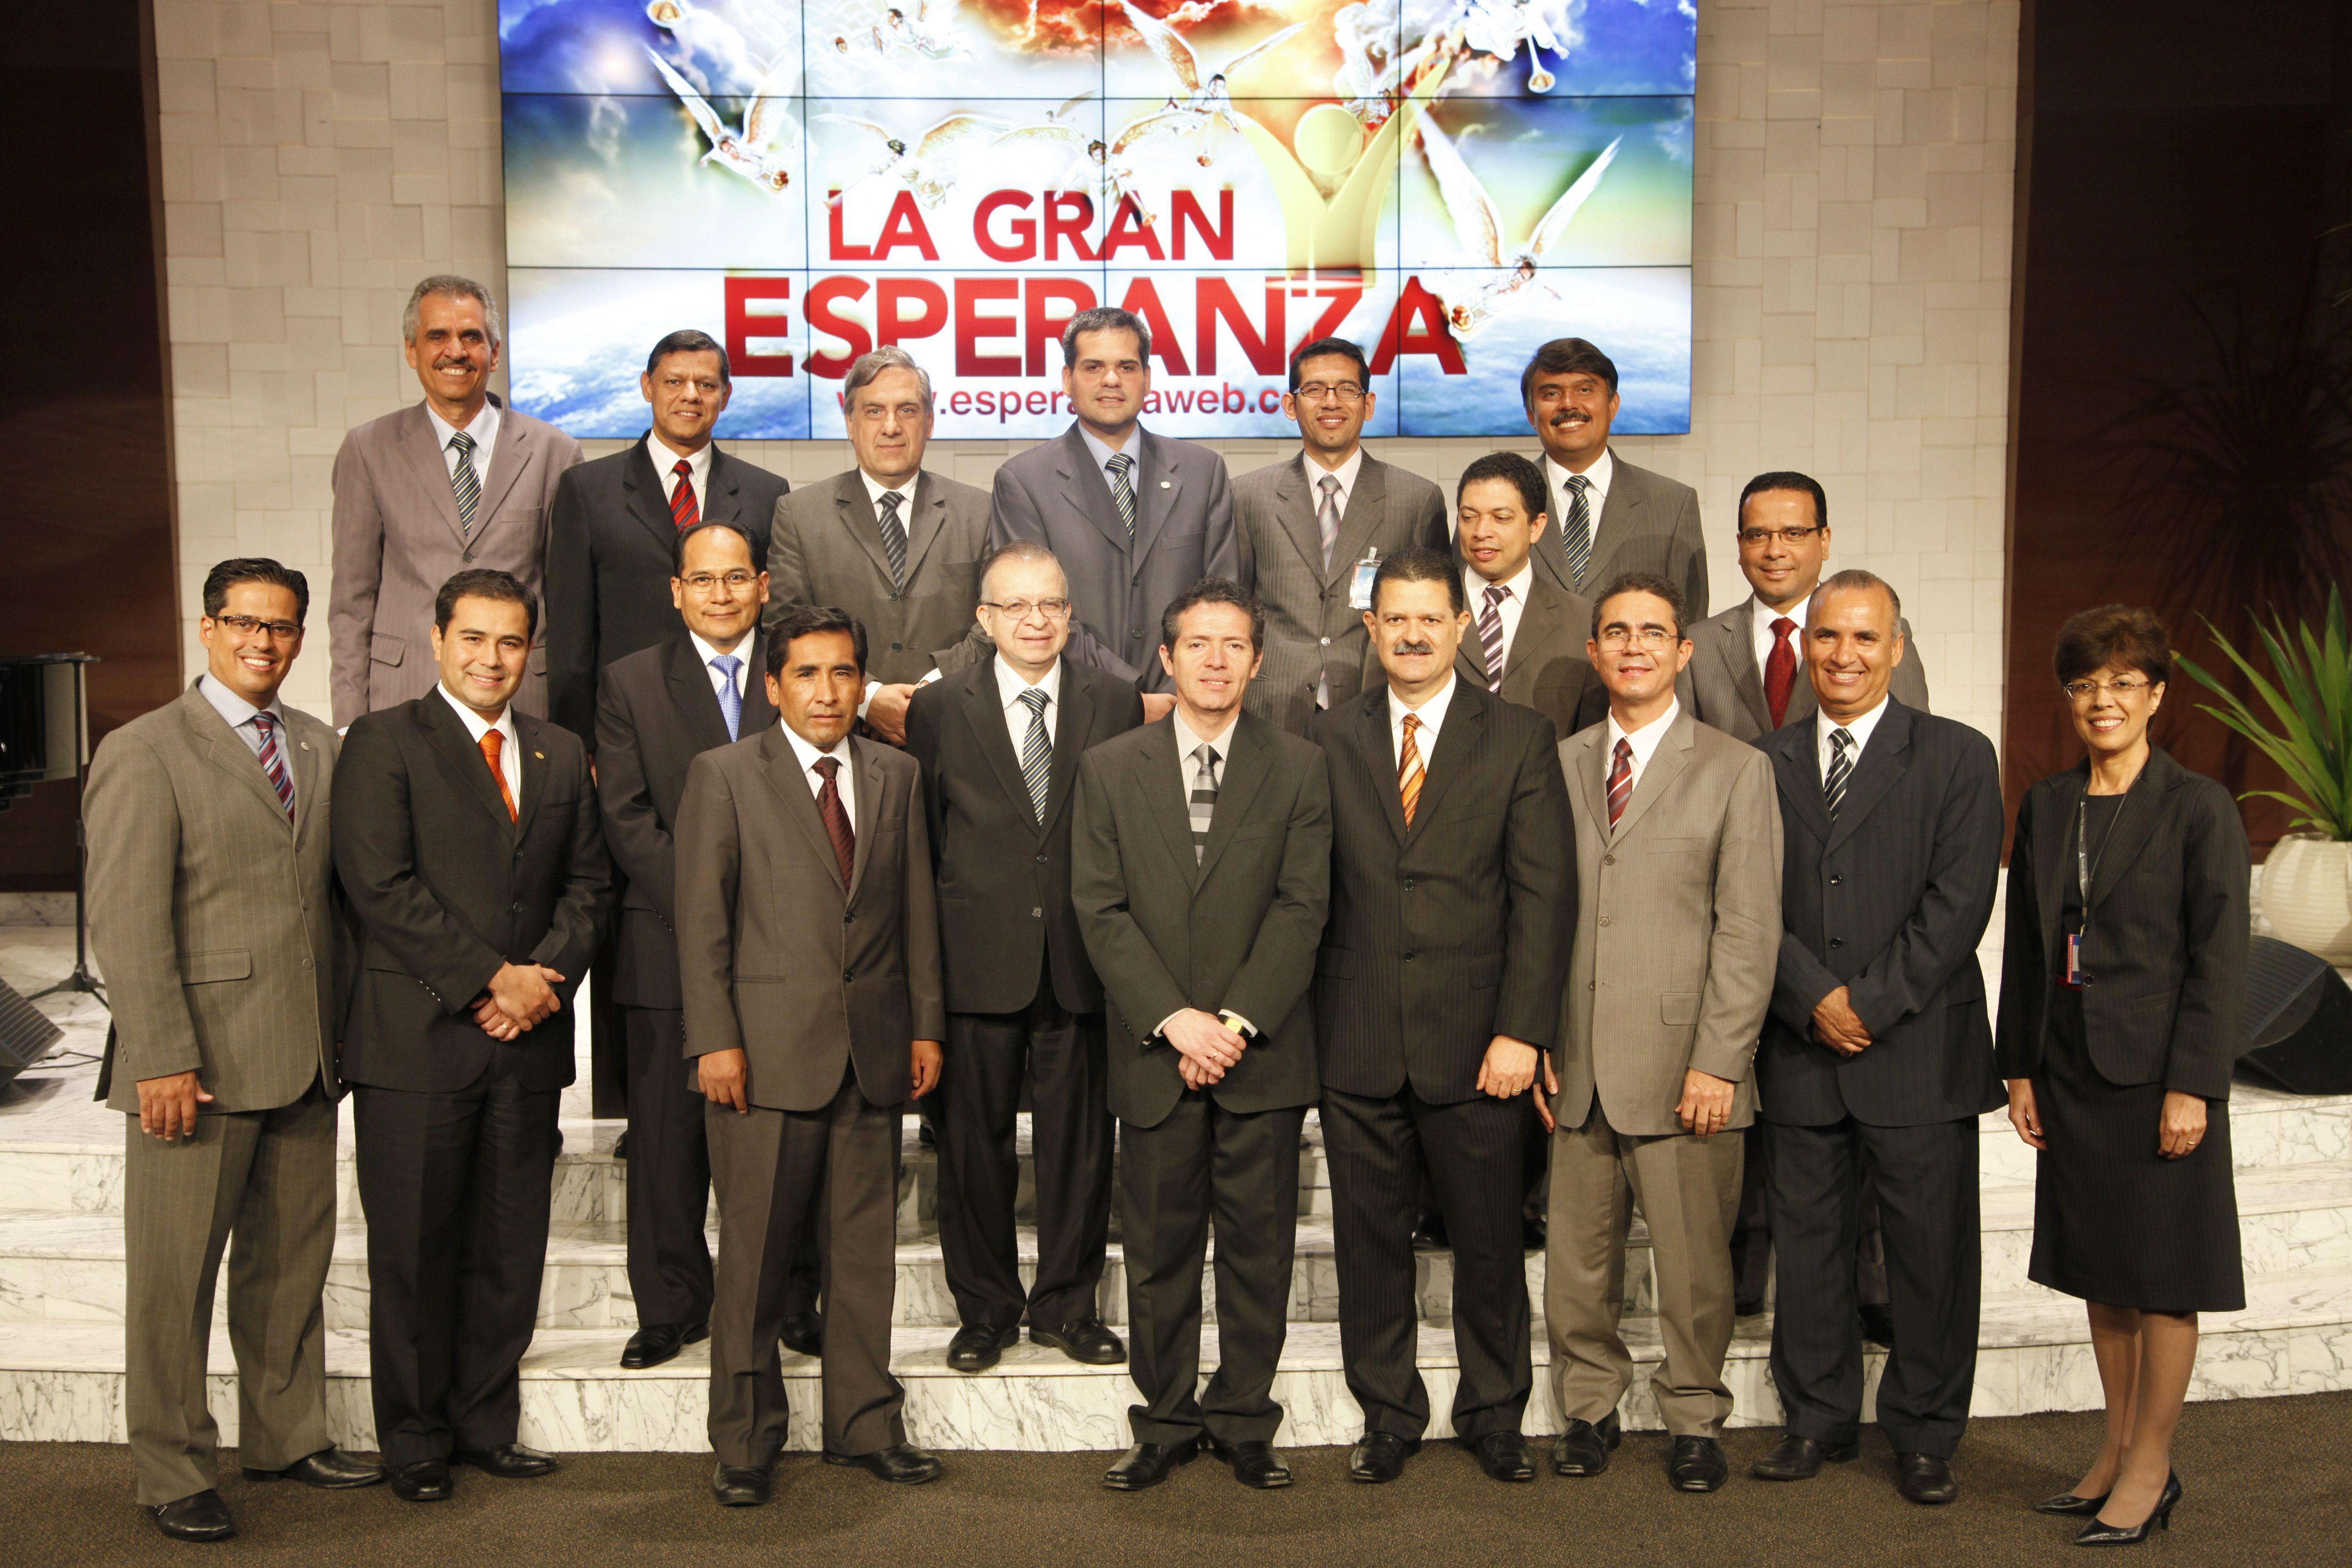 Diretores da área planejaram ações importantes na sede sul-americana adventista